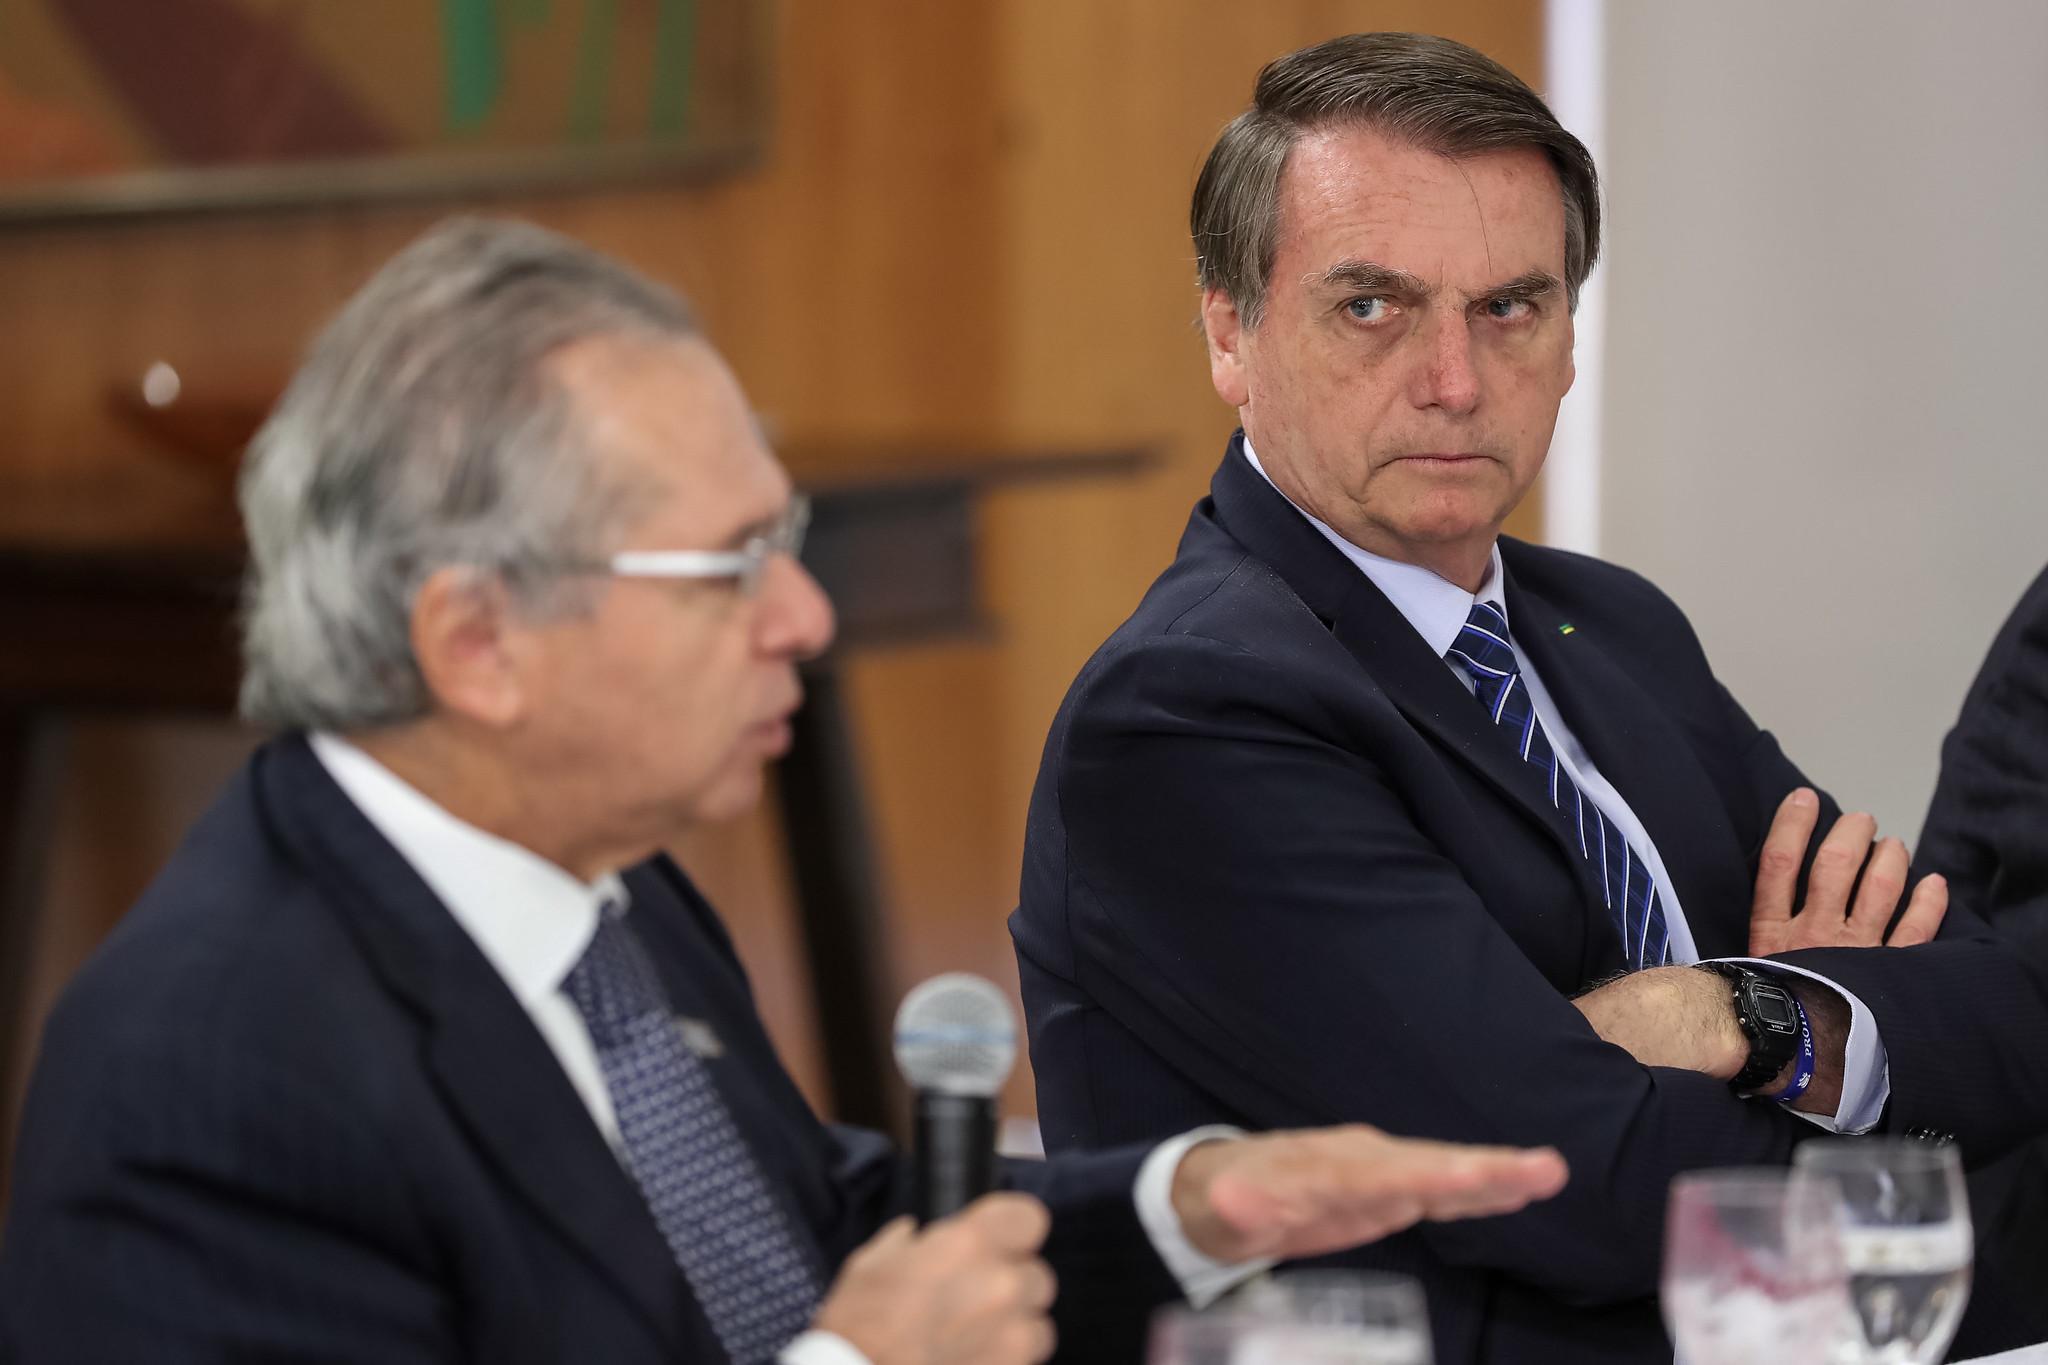 O importante recado das agências de risco para o Brasil